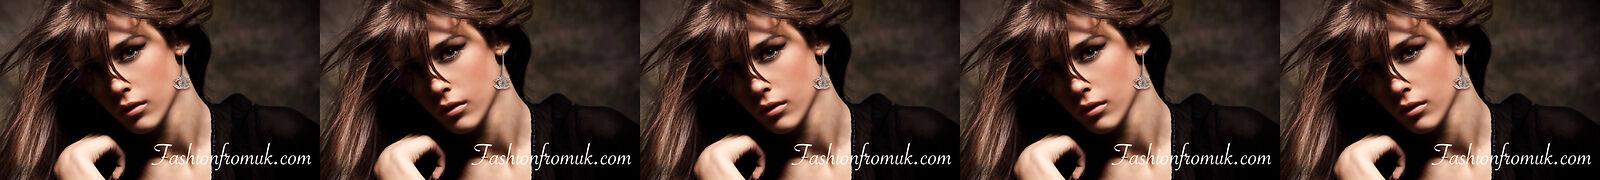 fashionfromuk Boutique